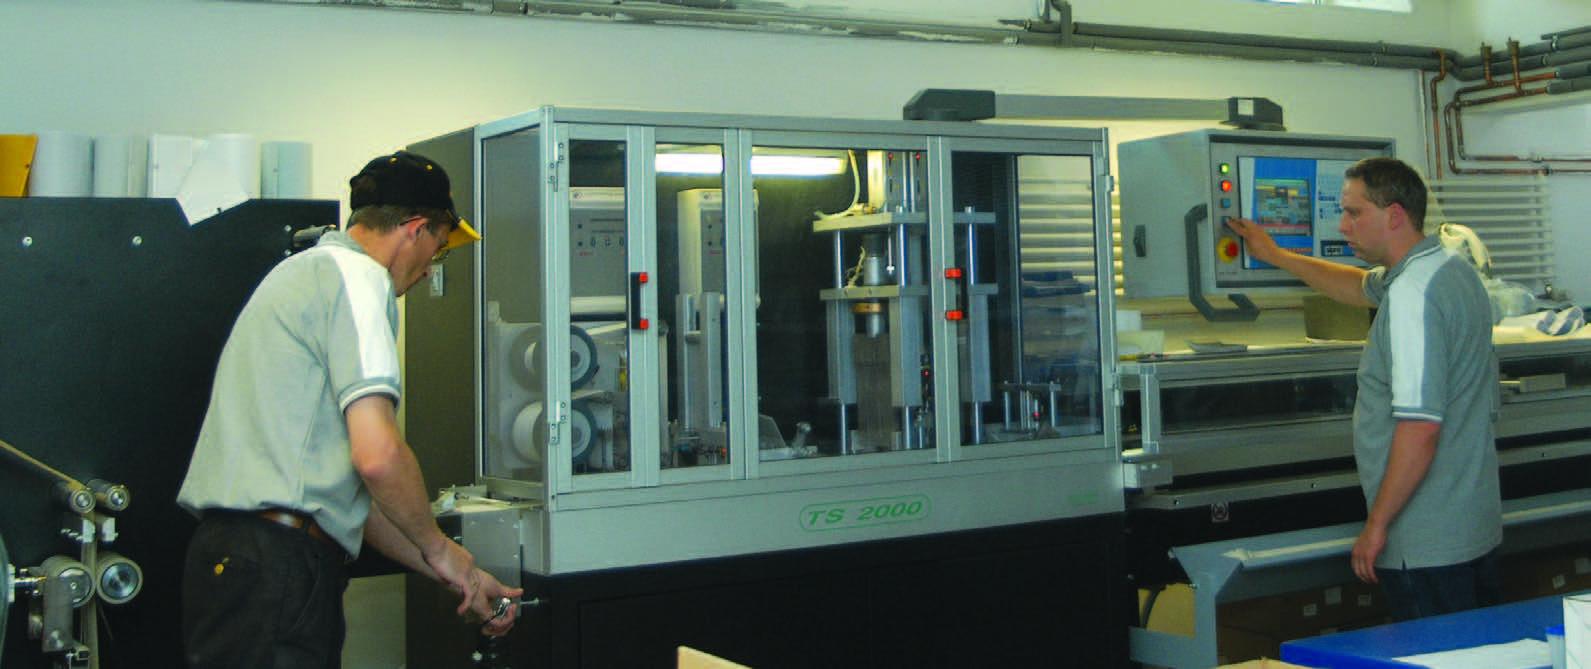 Vertikaljalousien-Automat